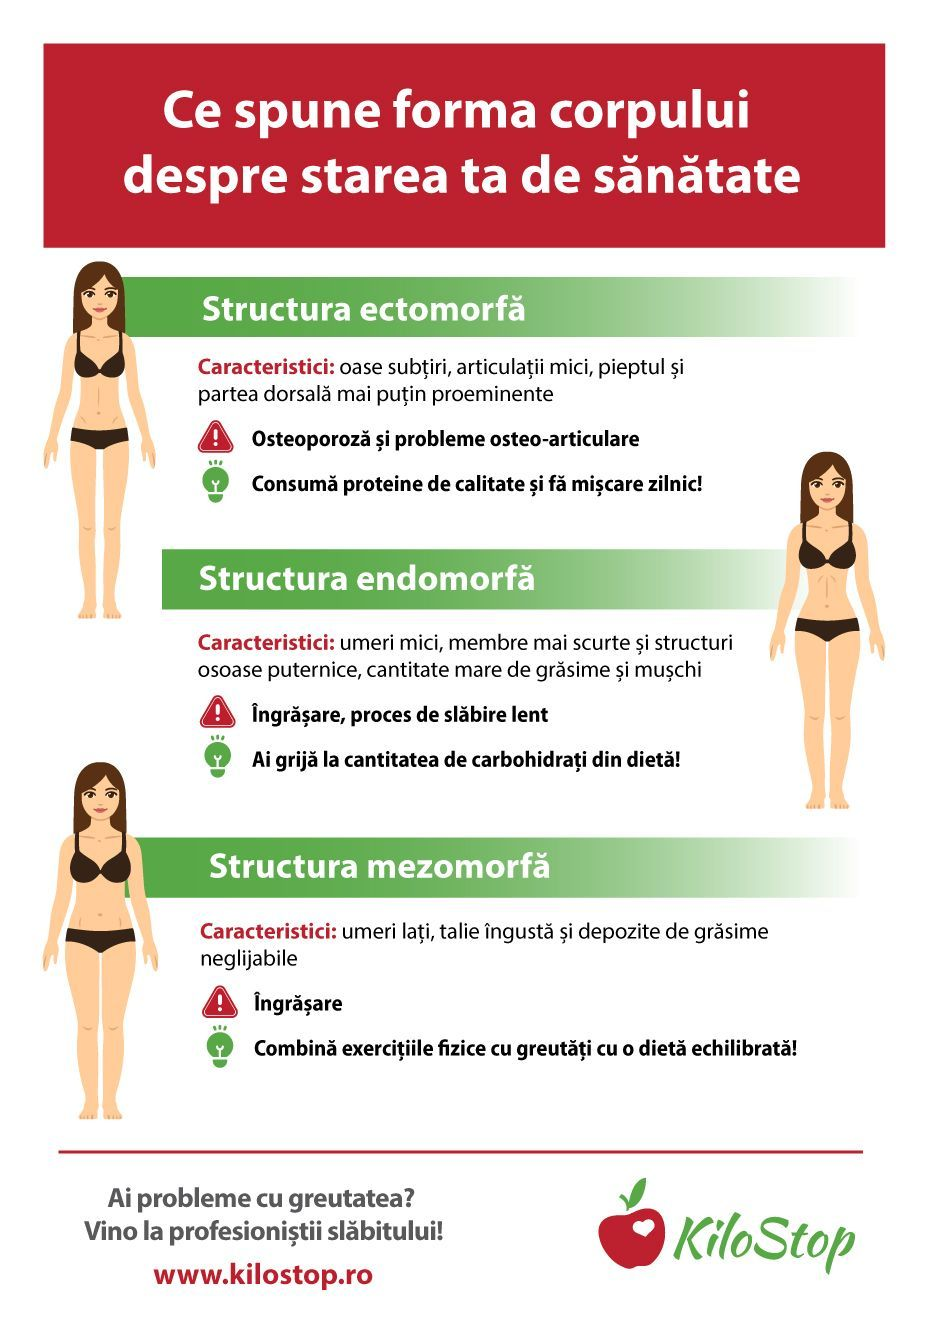 slăbirea corpului de slăbire poate modifica perioada de pierdere în greutate